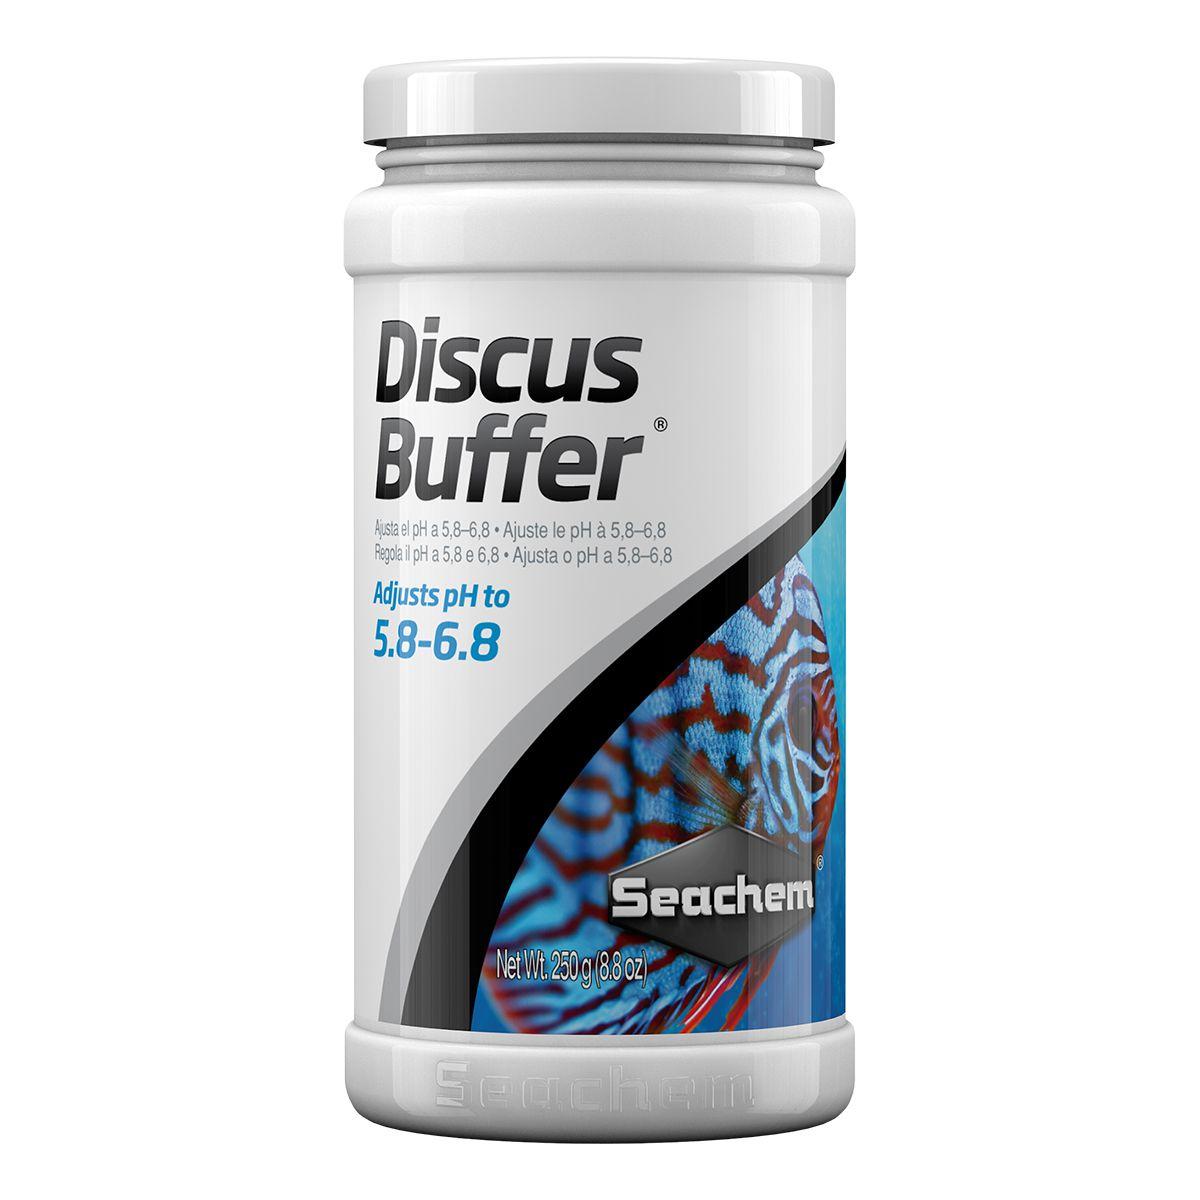 Seachem Discus Buffer 250g Mantém o pH Ácido de 5.8 a 6.8